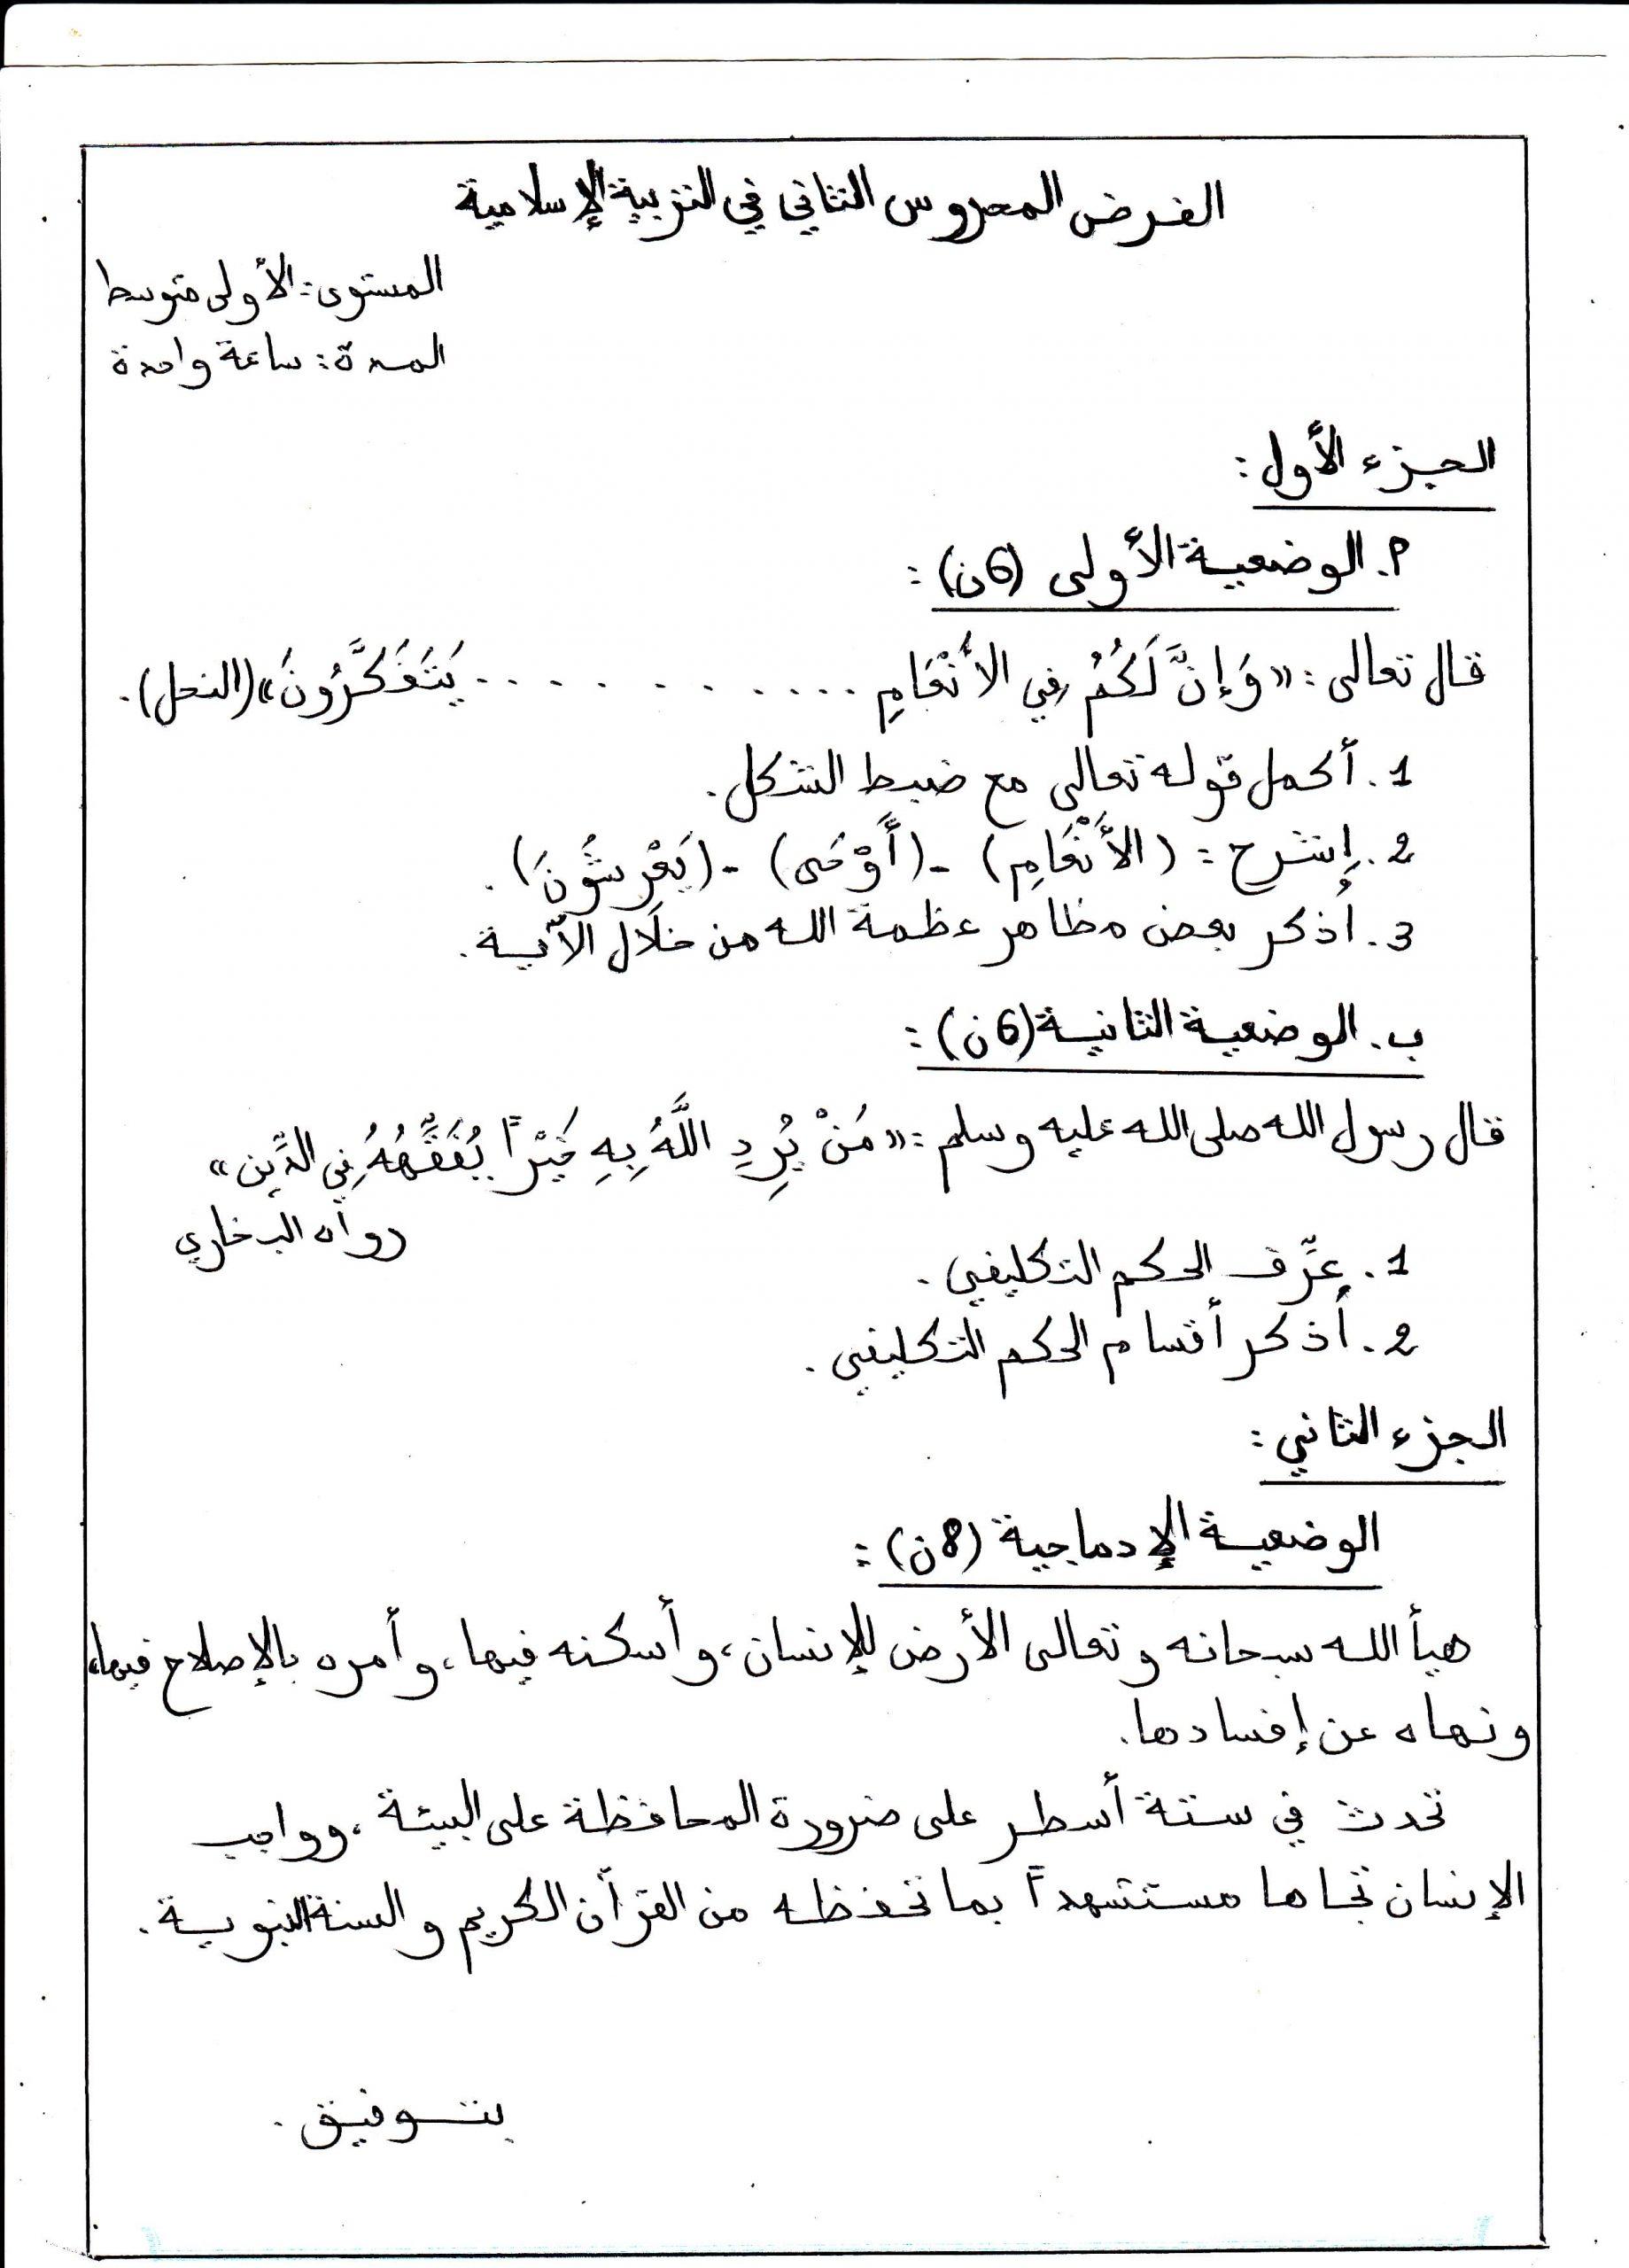 اختبار الفصل الثاني في العلوم الاسلامية للسنة الأولى متوسط - الموضوع 05